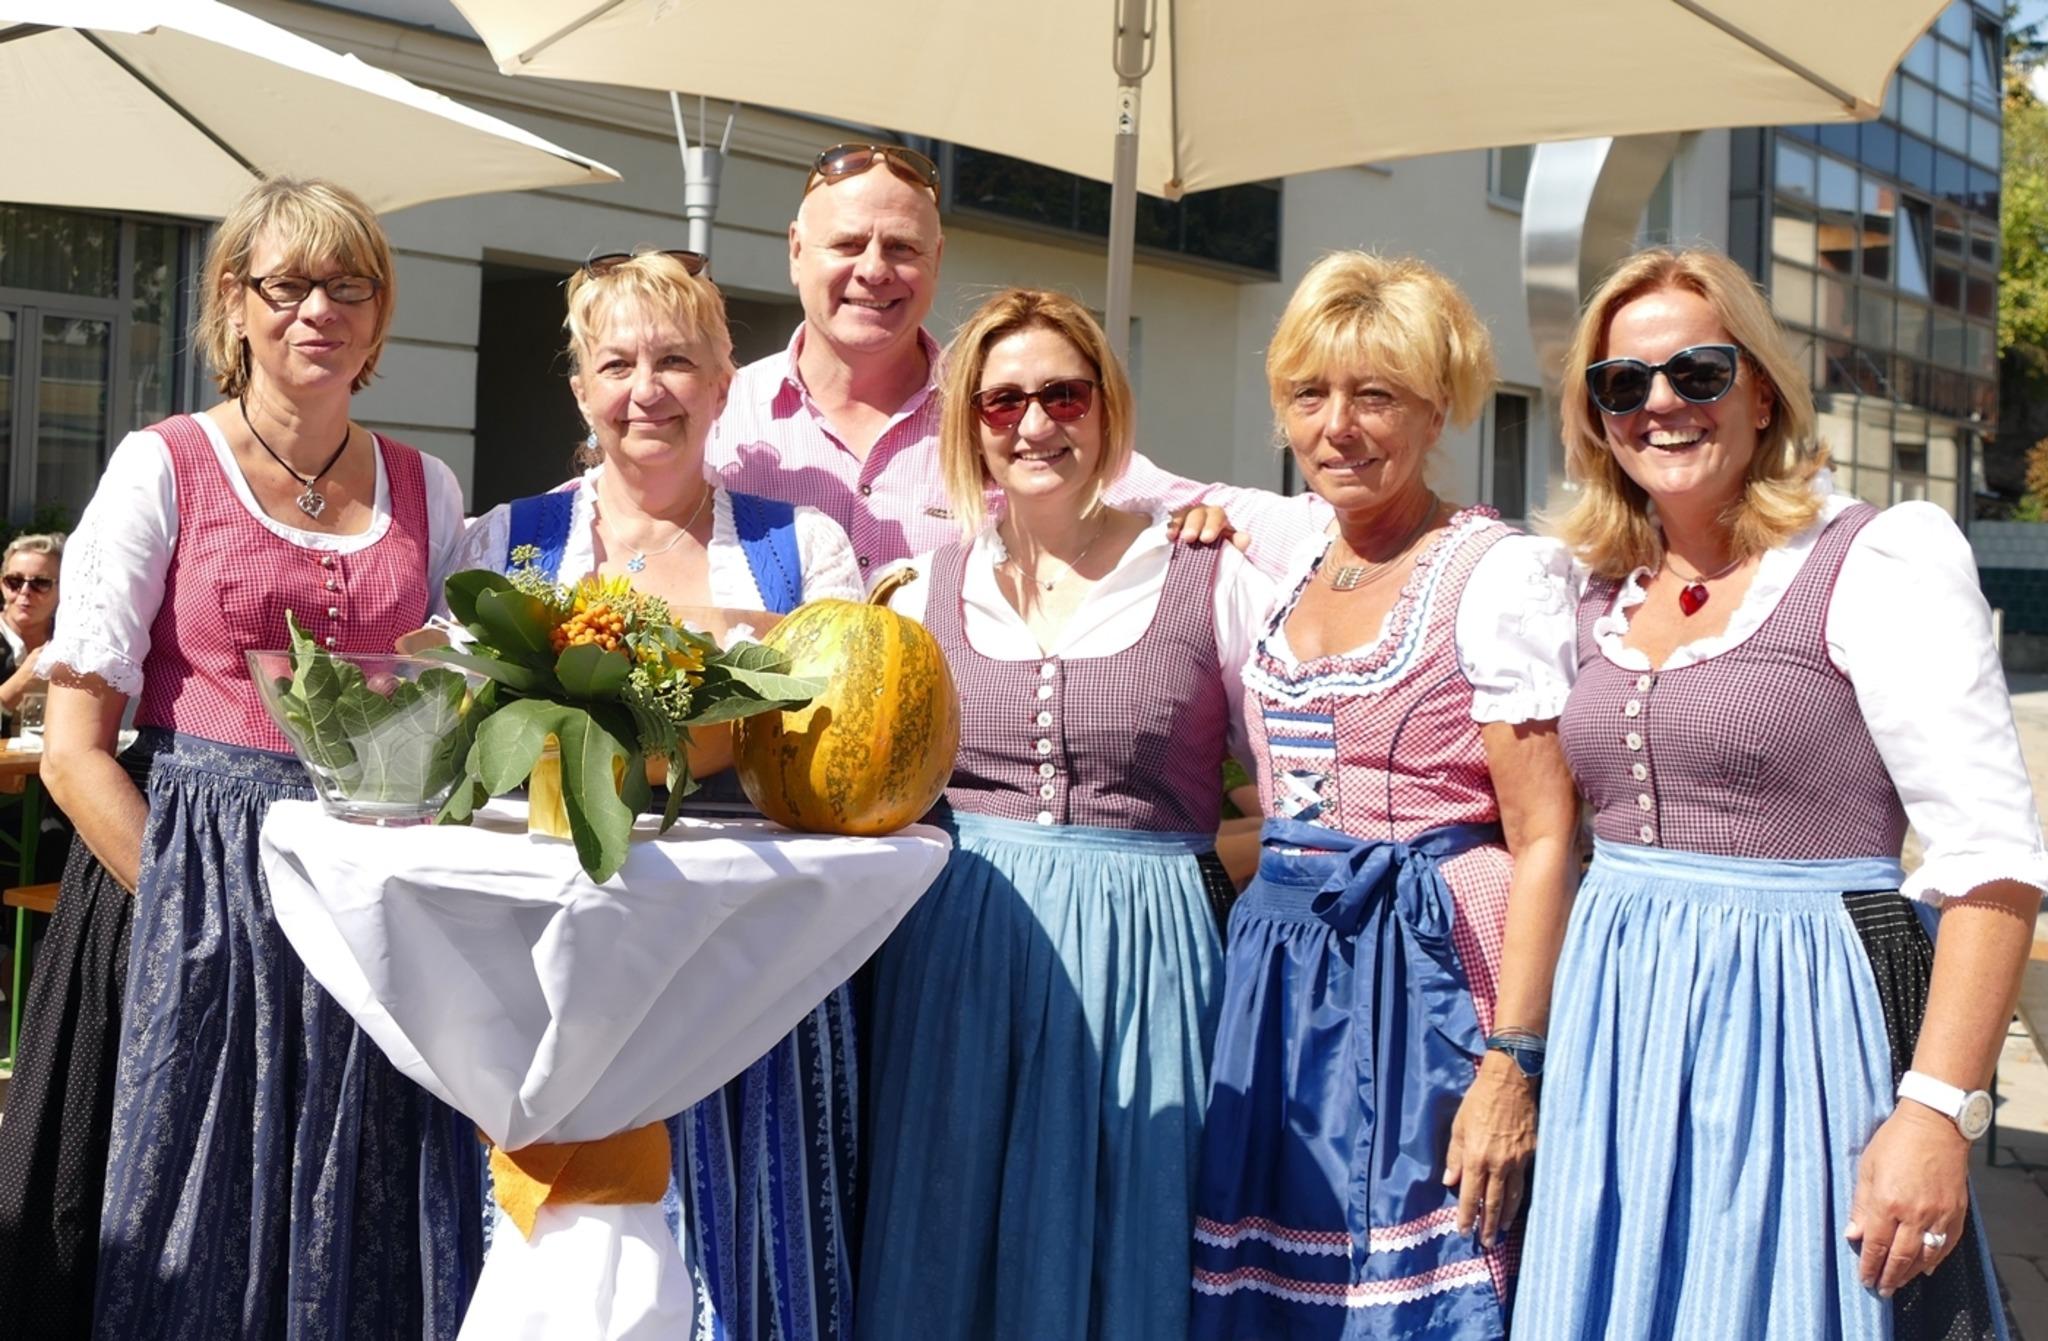 Maria lanzendorf beste singlebrse: Suche sex in Wittingen